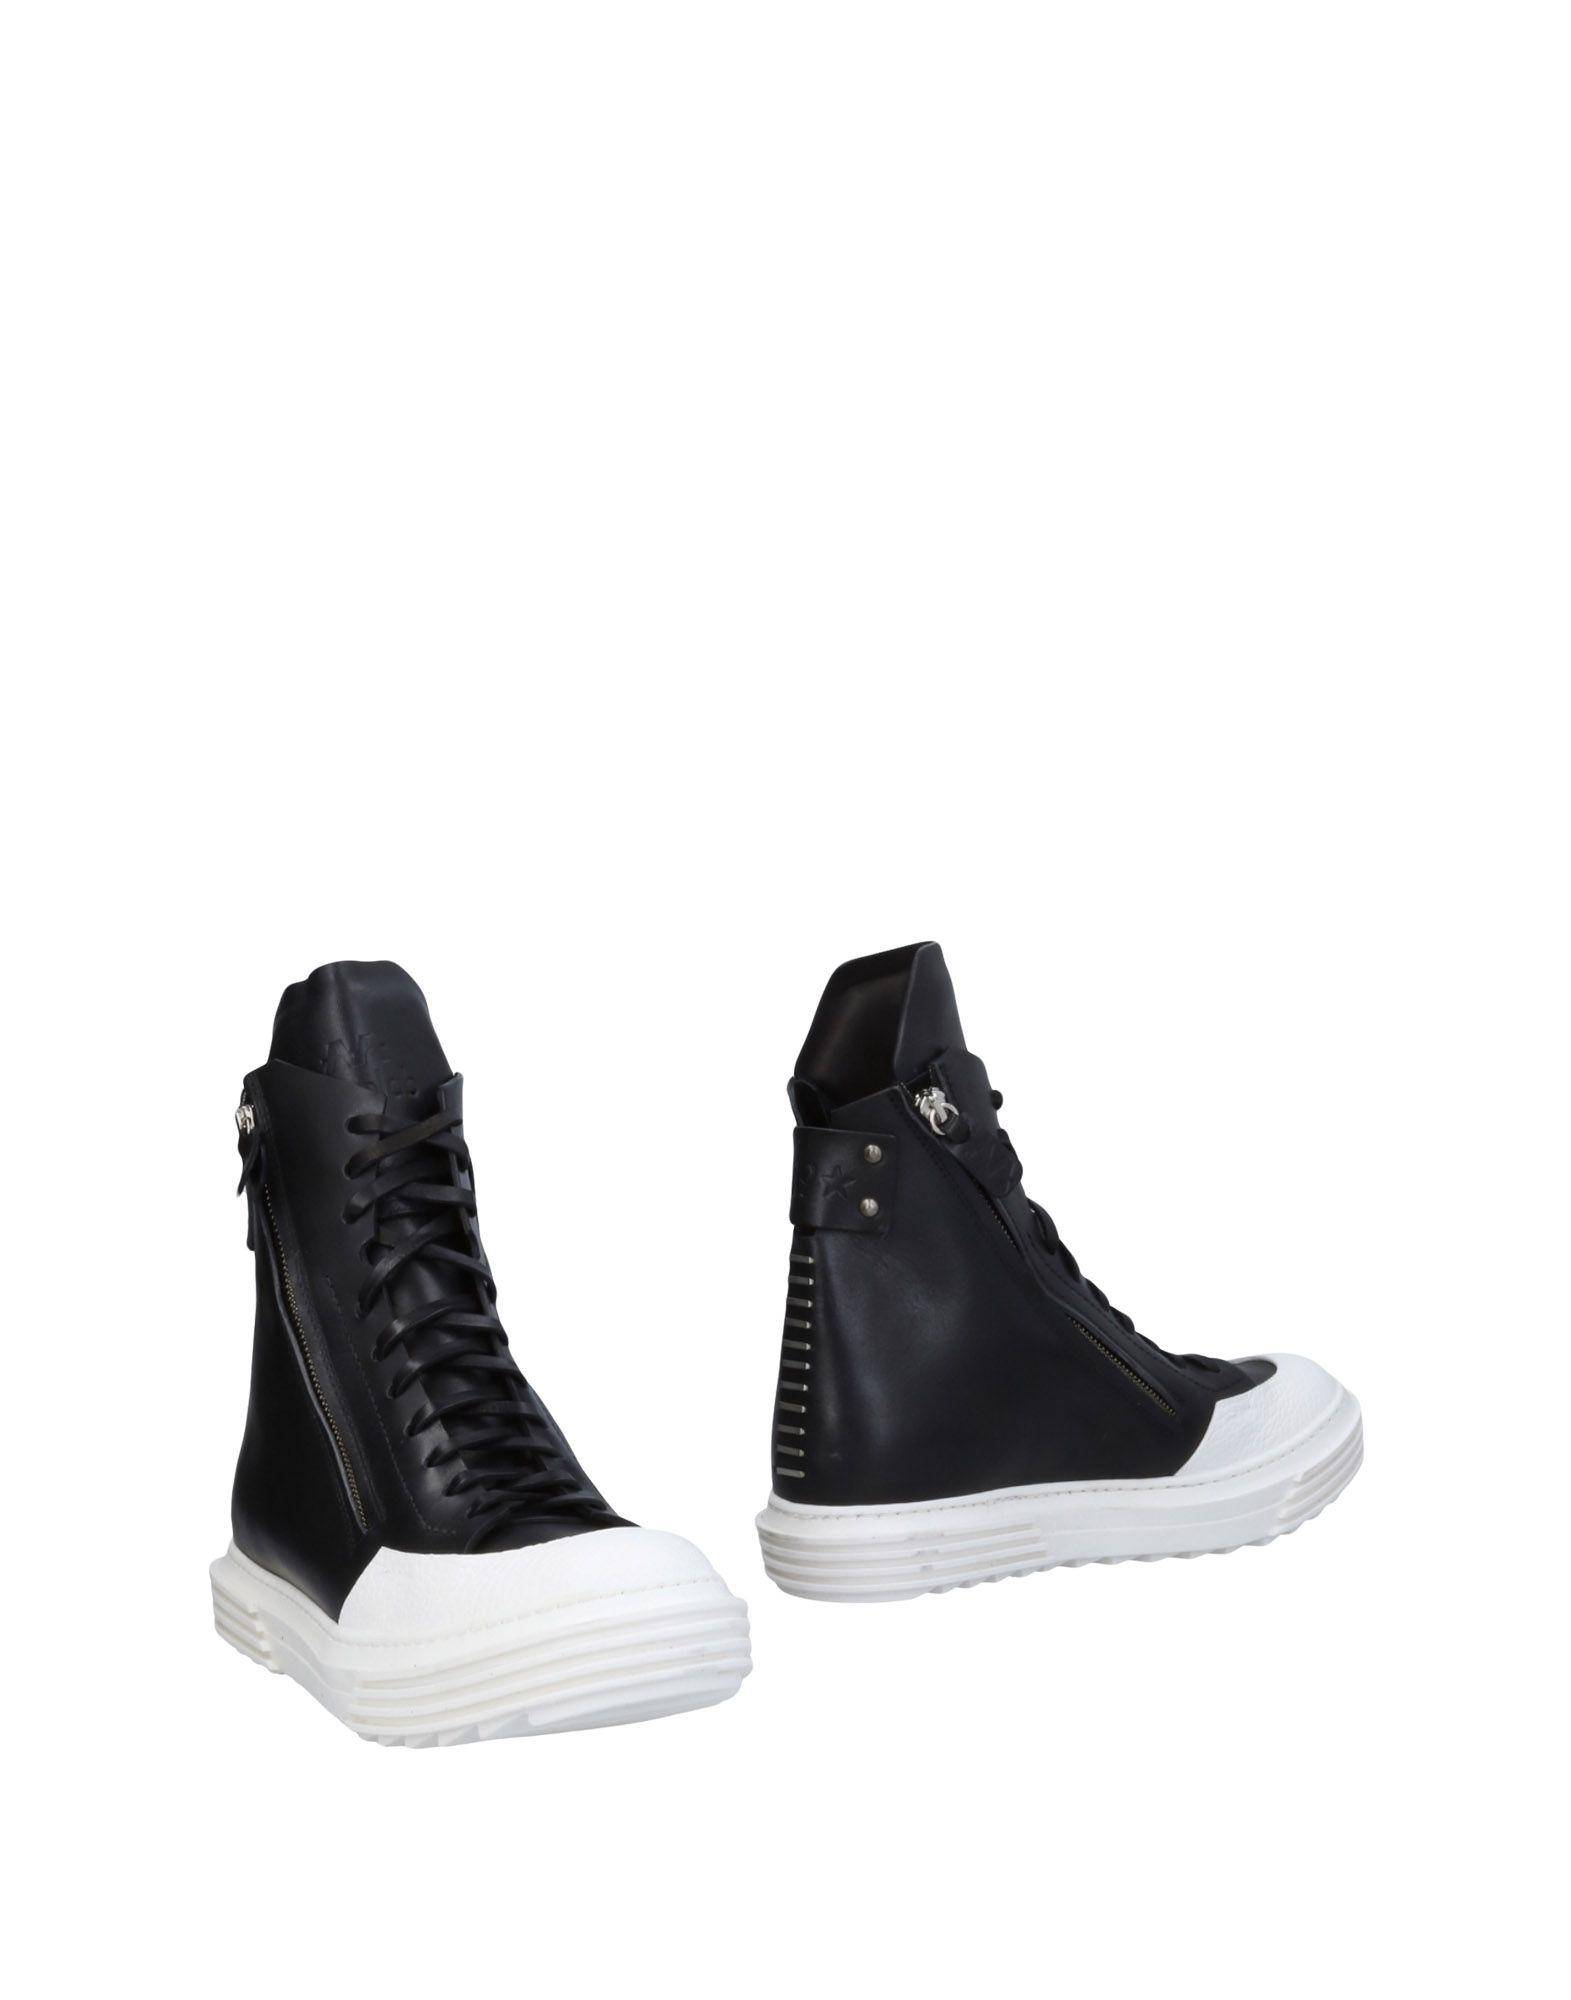 Artselab Stiefelette Herren  11464226KQ Heiße Schuhe Schuhe Schuhe 128289